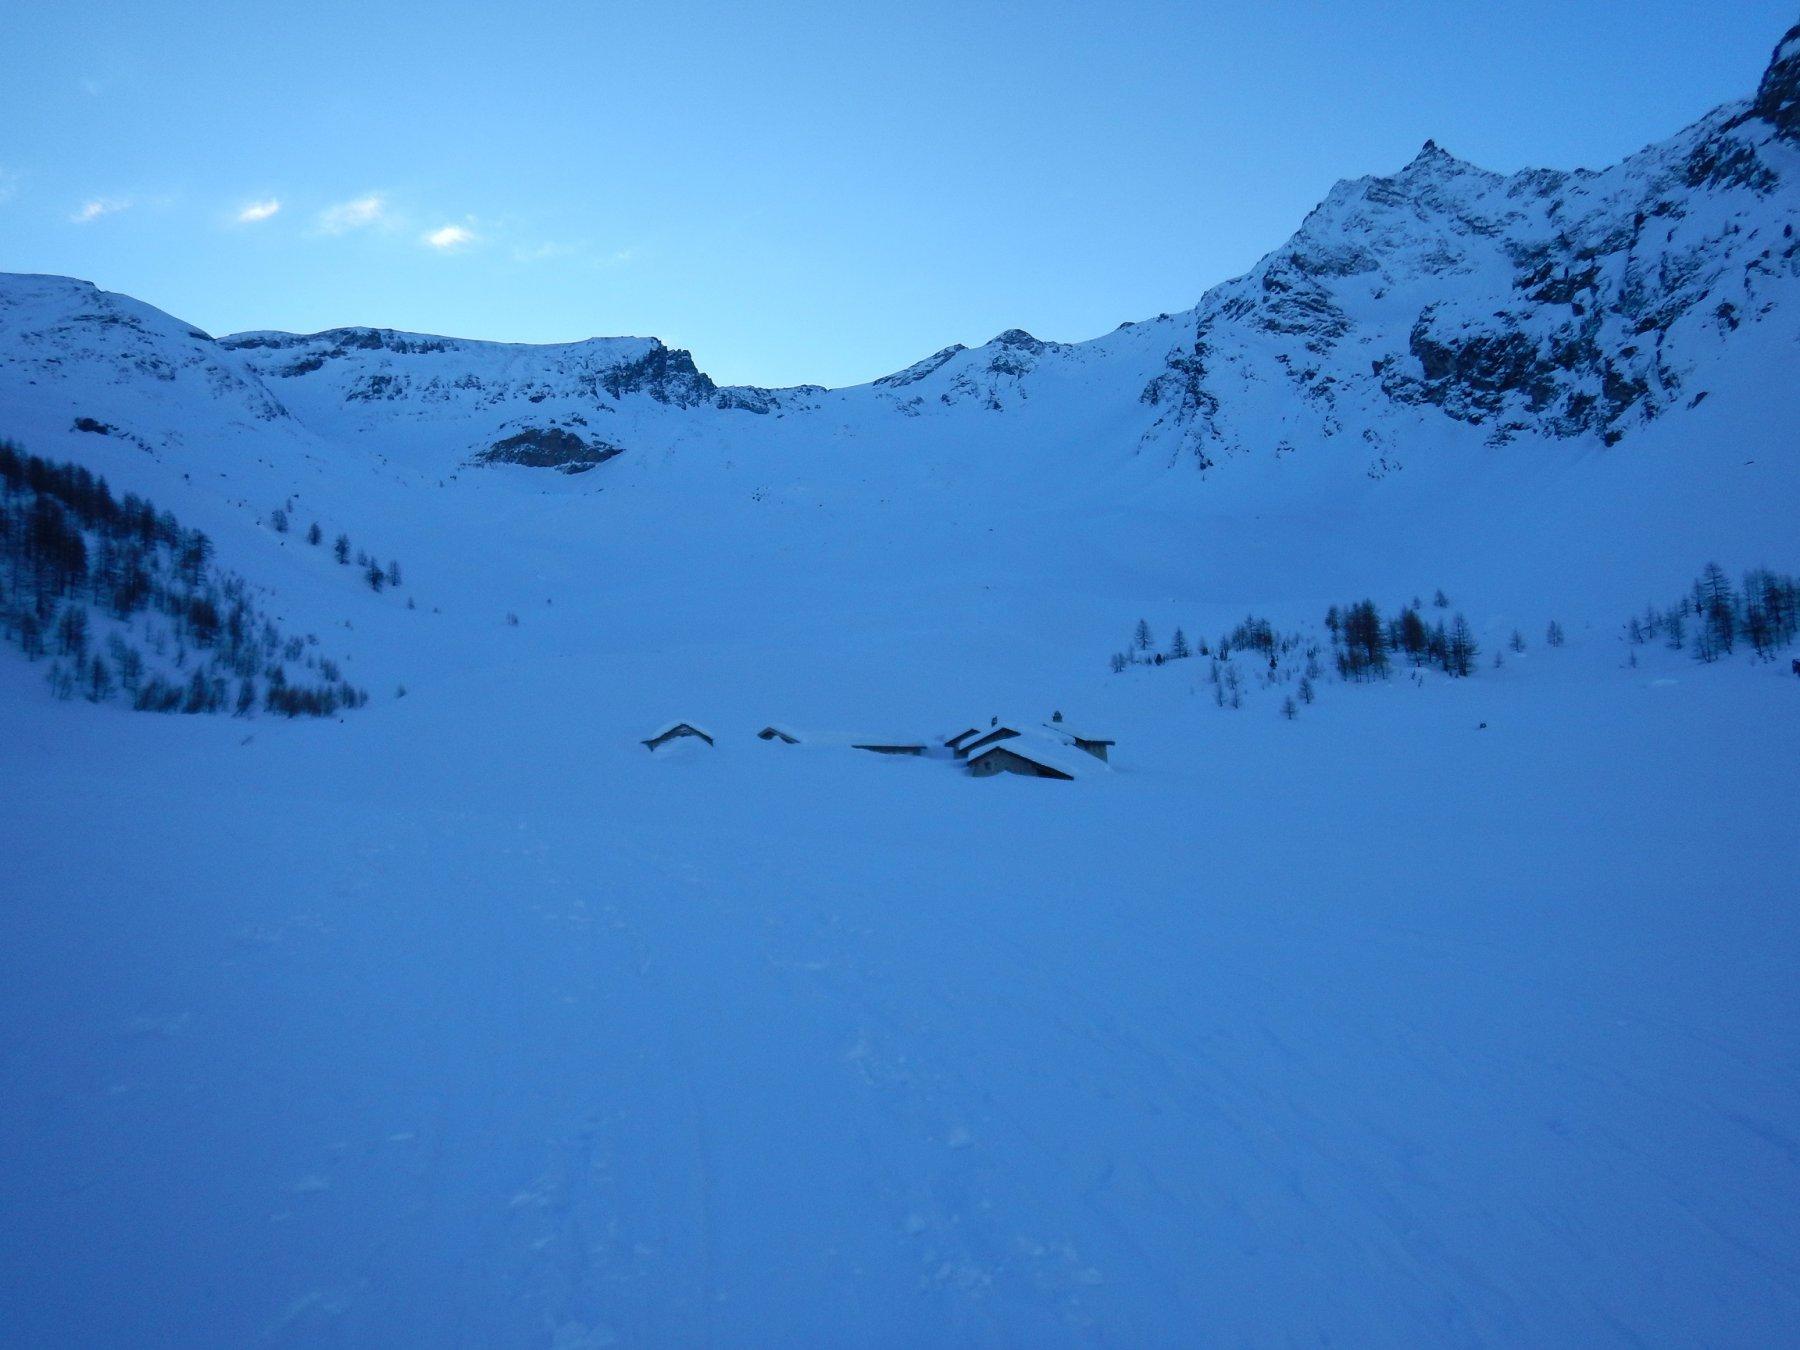 baite nel vallone coperte di neve